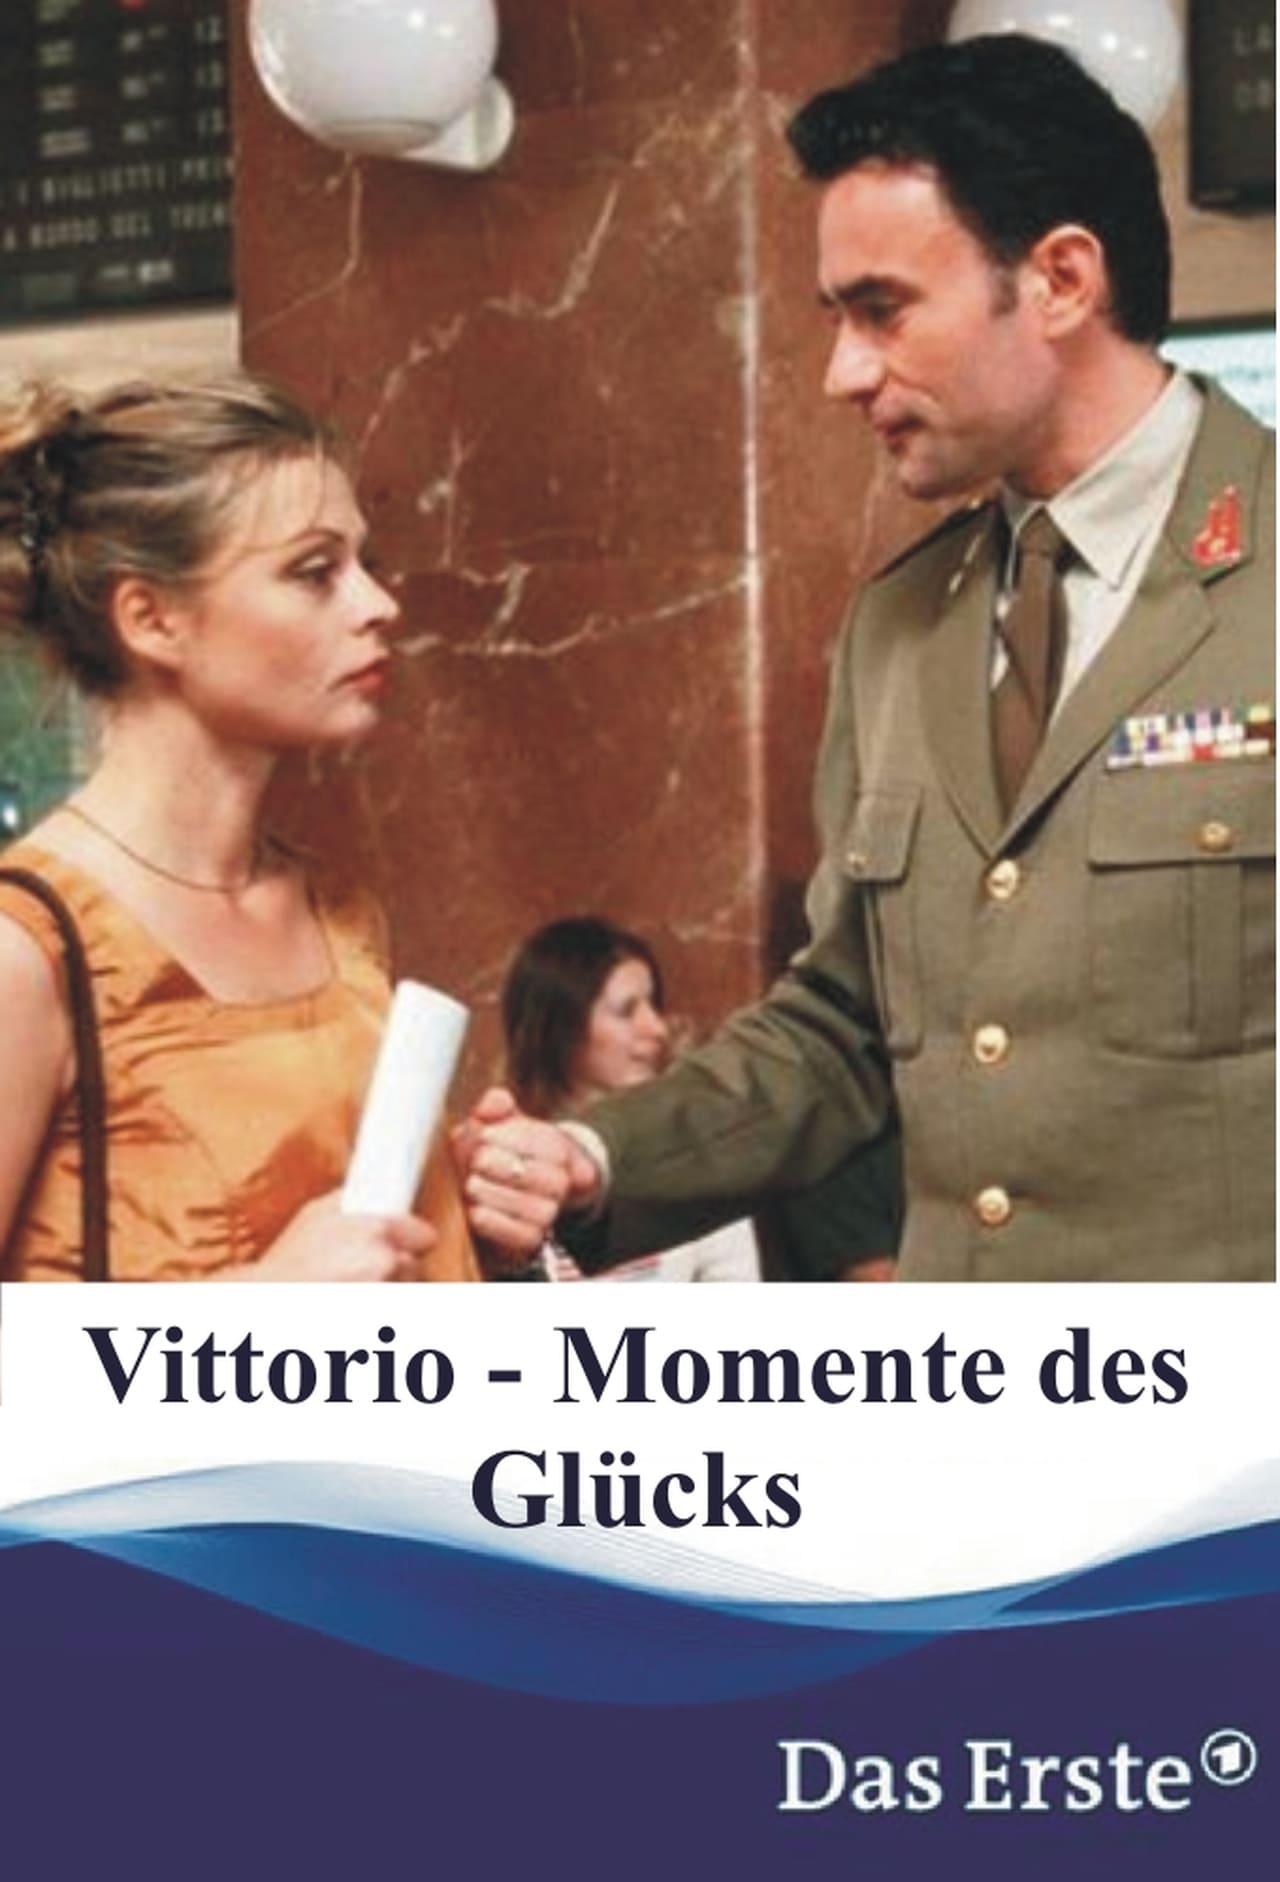 Vittorio - Momente des Glücks